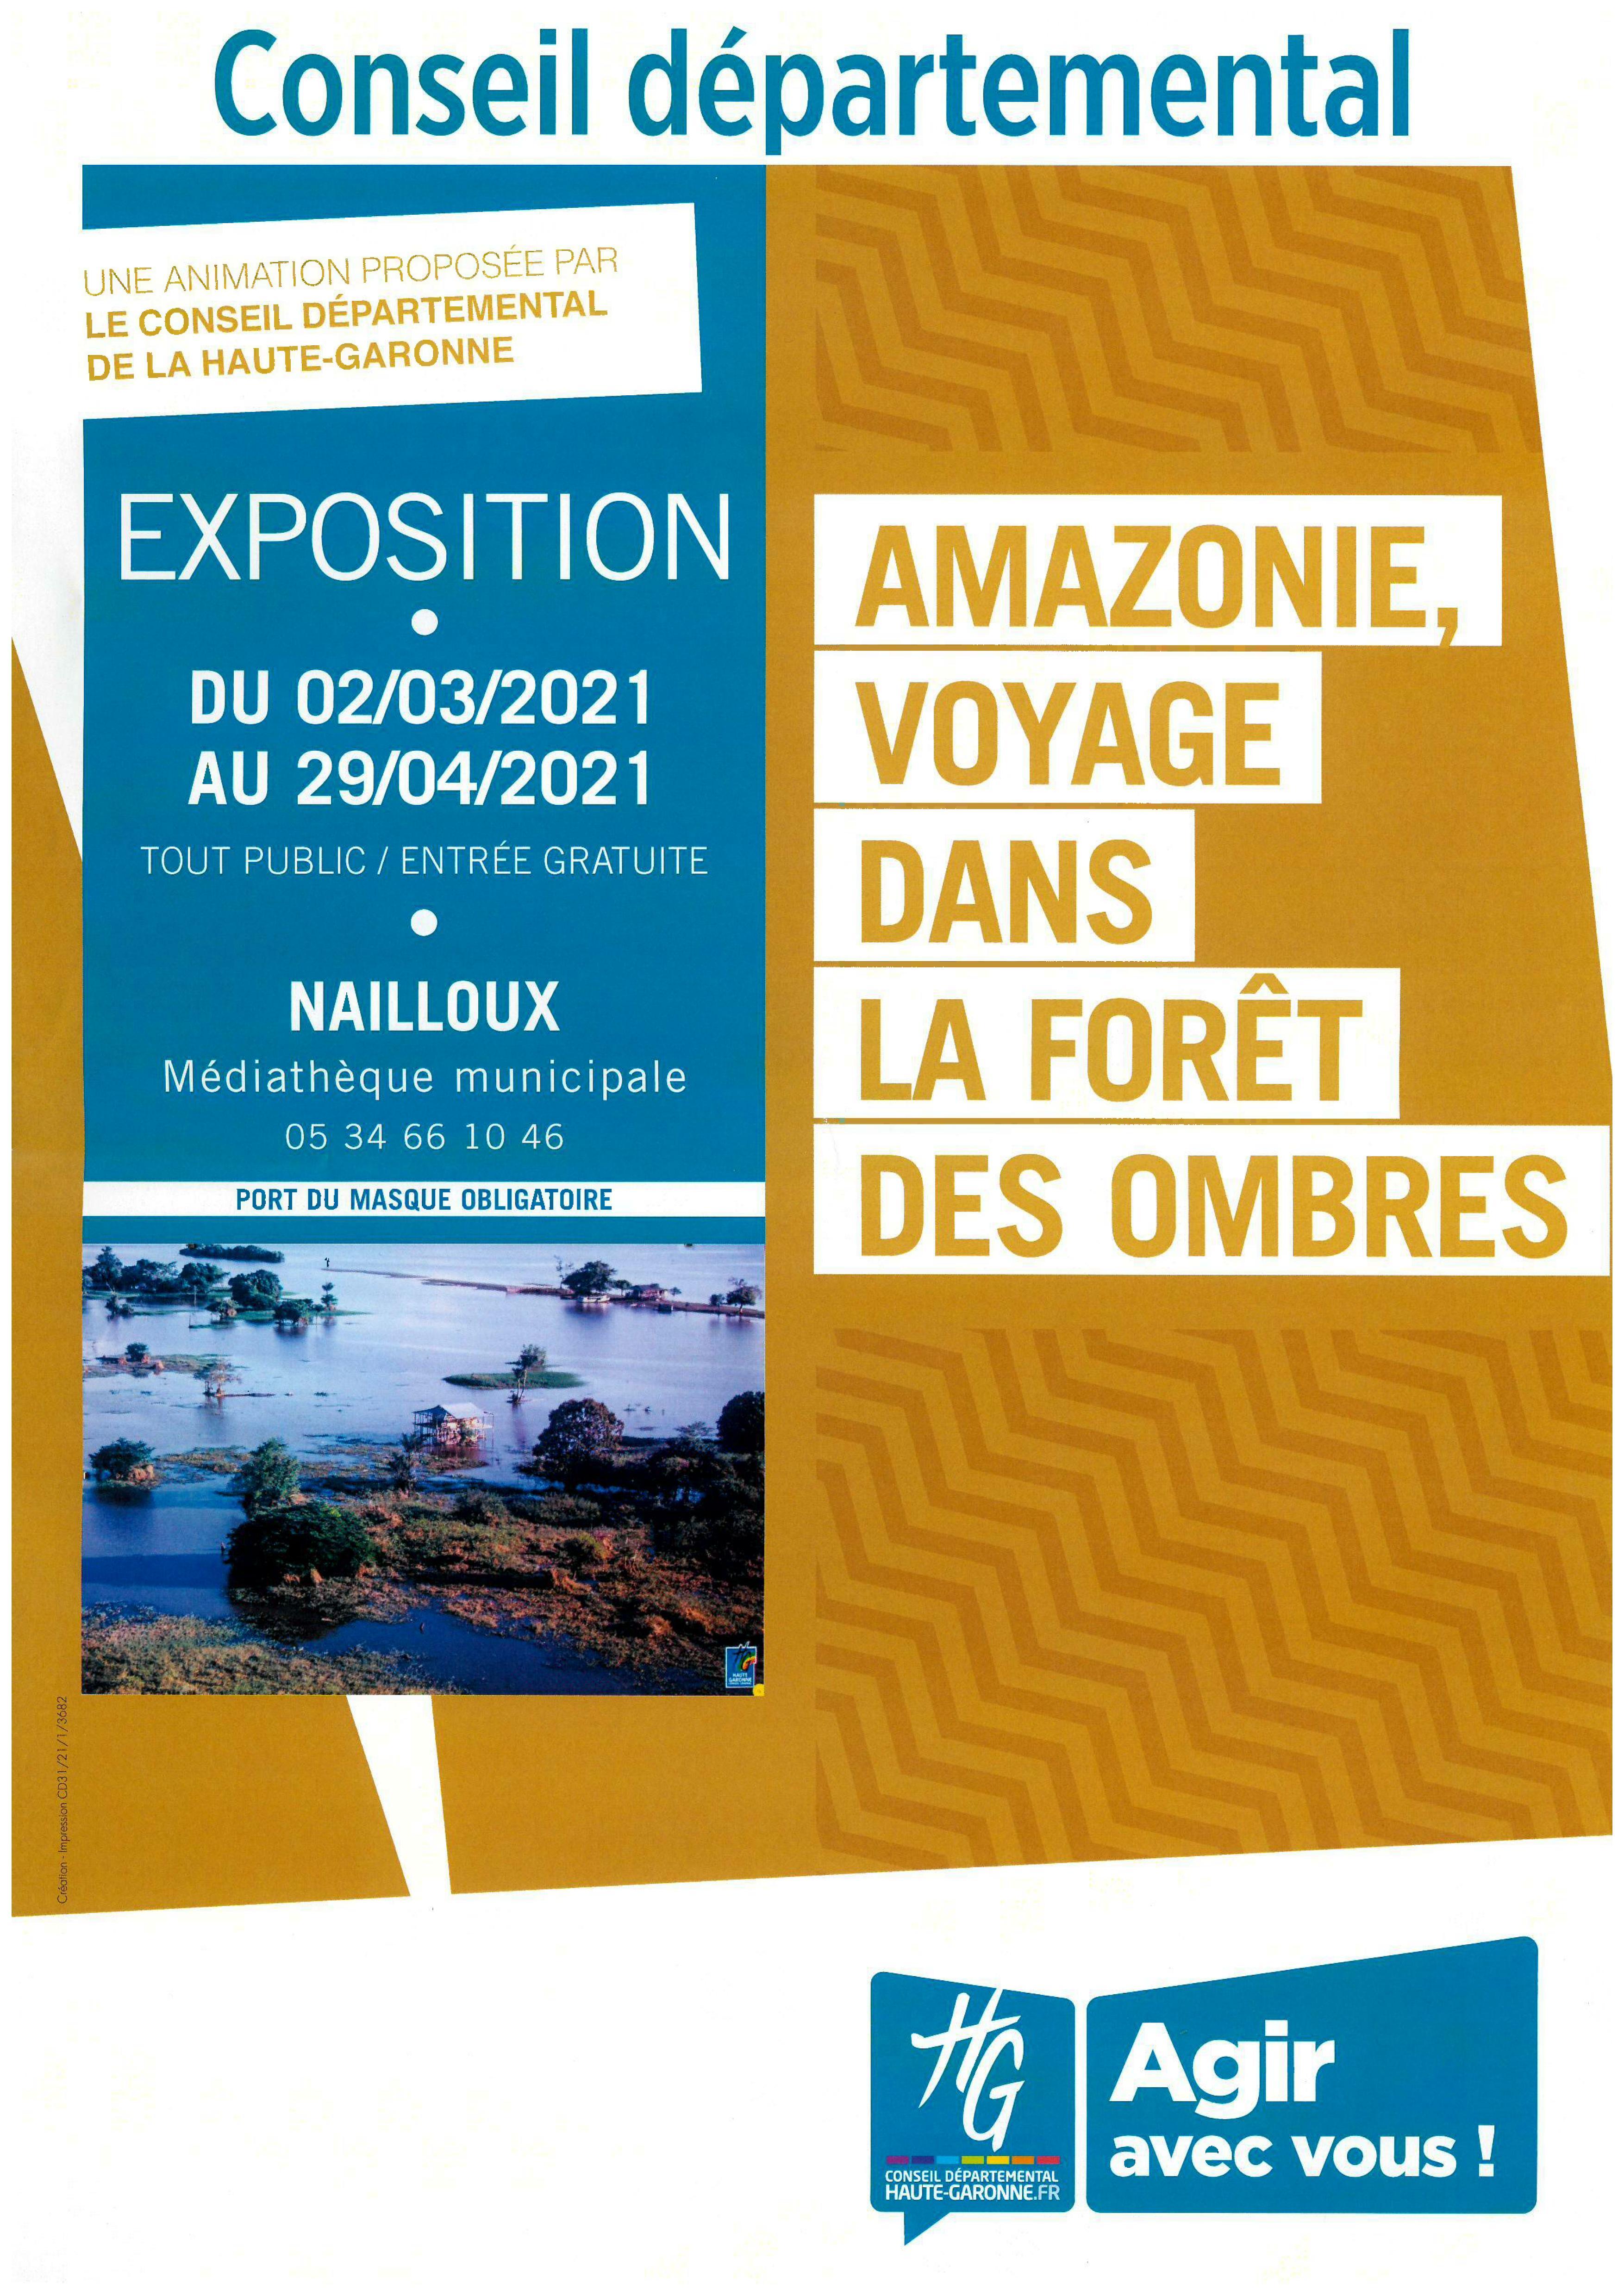 Amazonie - Médiathèque Départementale de la Haute-Garonne